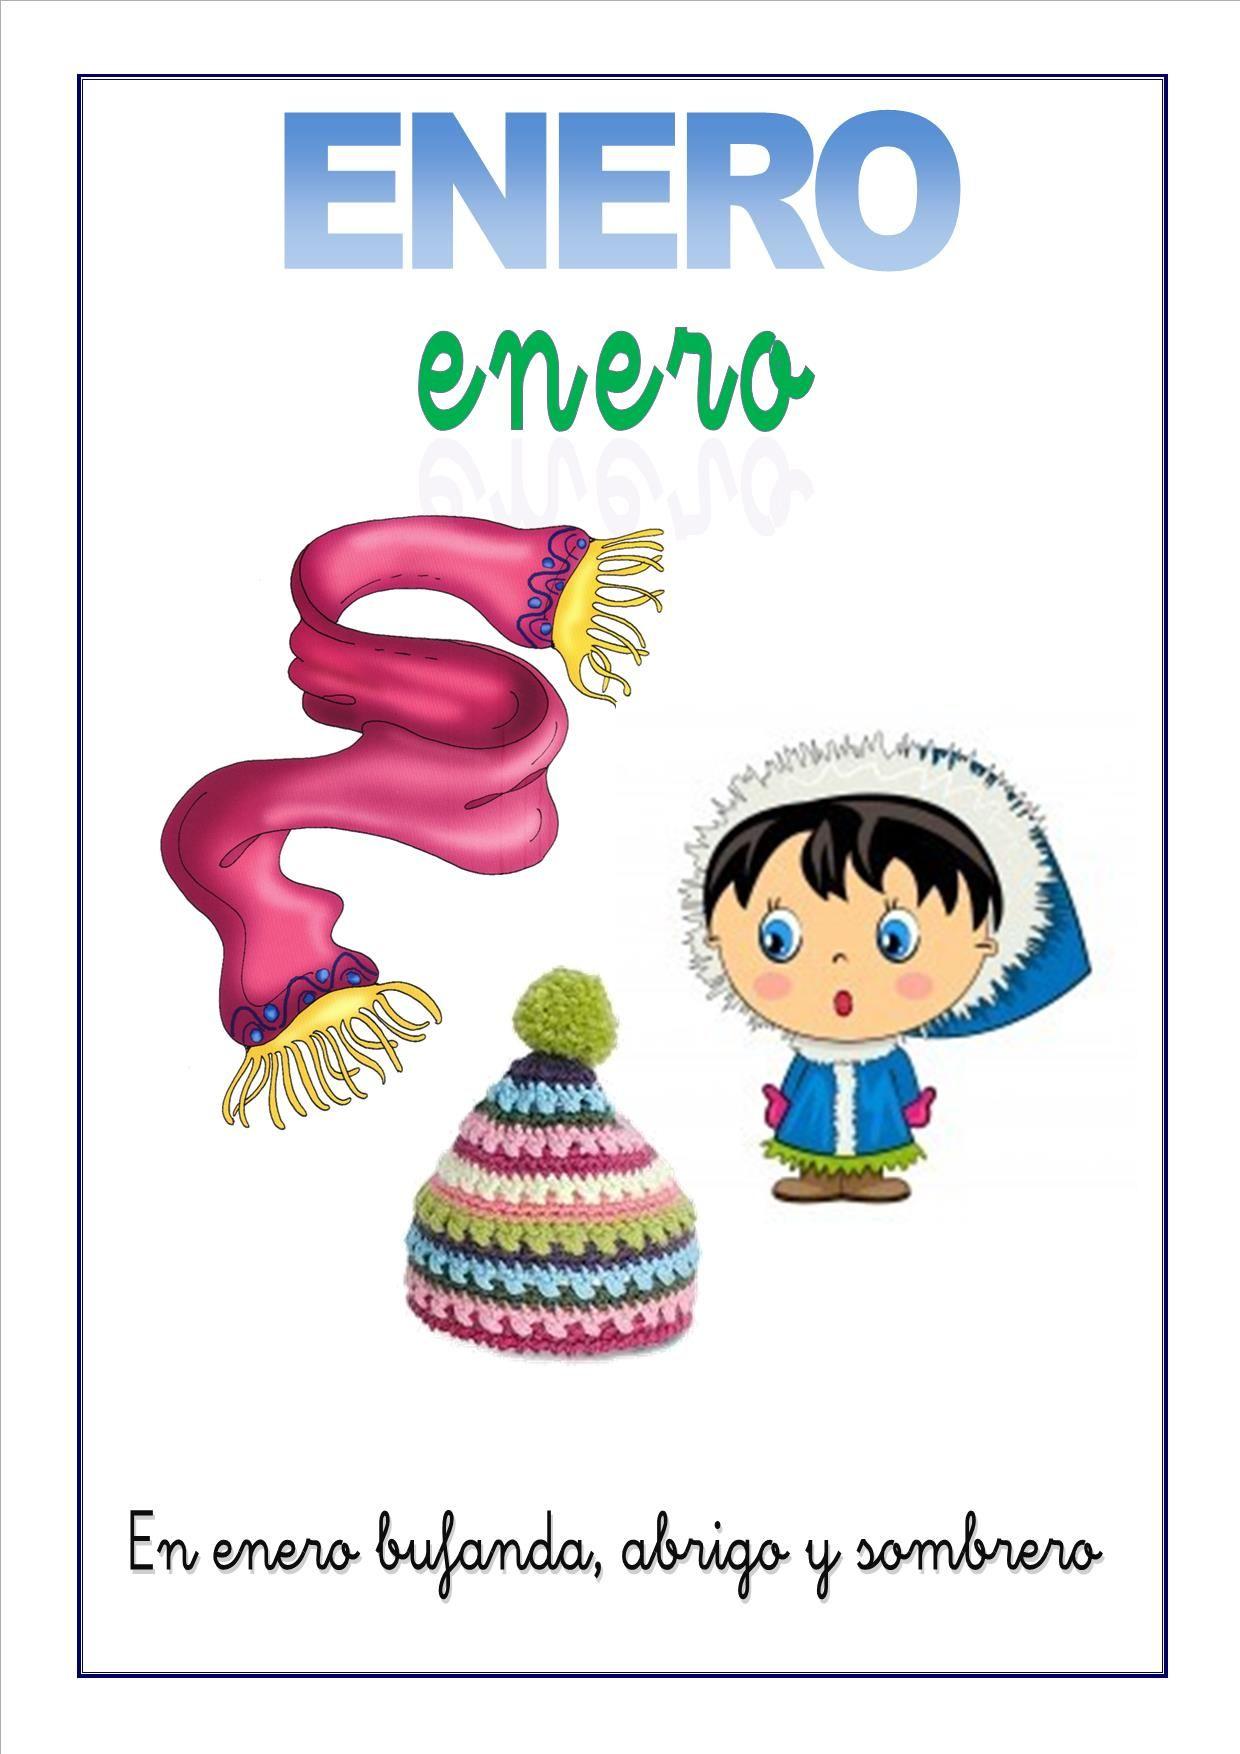 Cartel Con El Mes De Enero Para Ninos 1 240 1 754